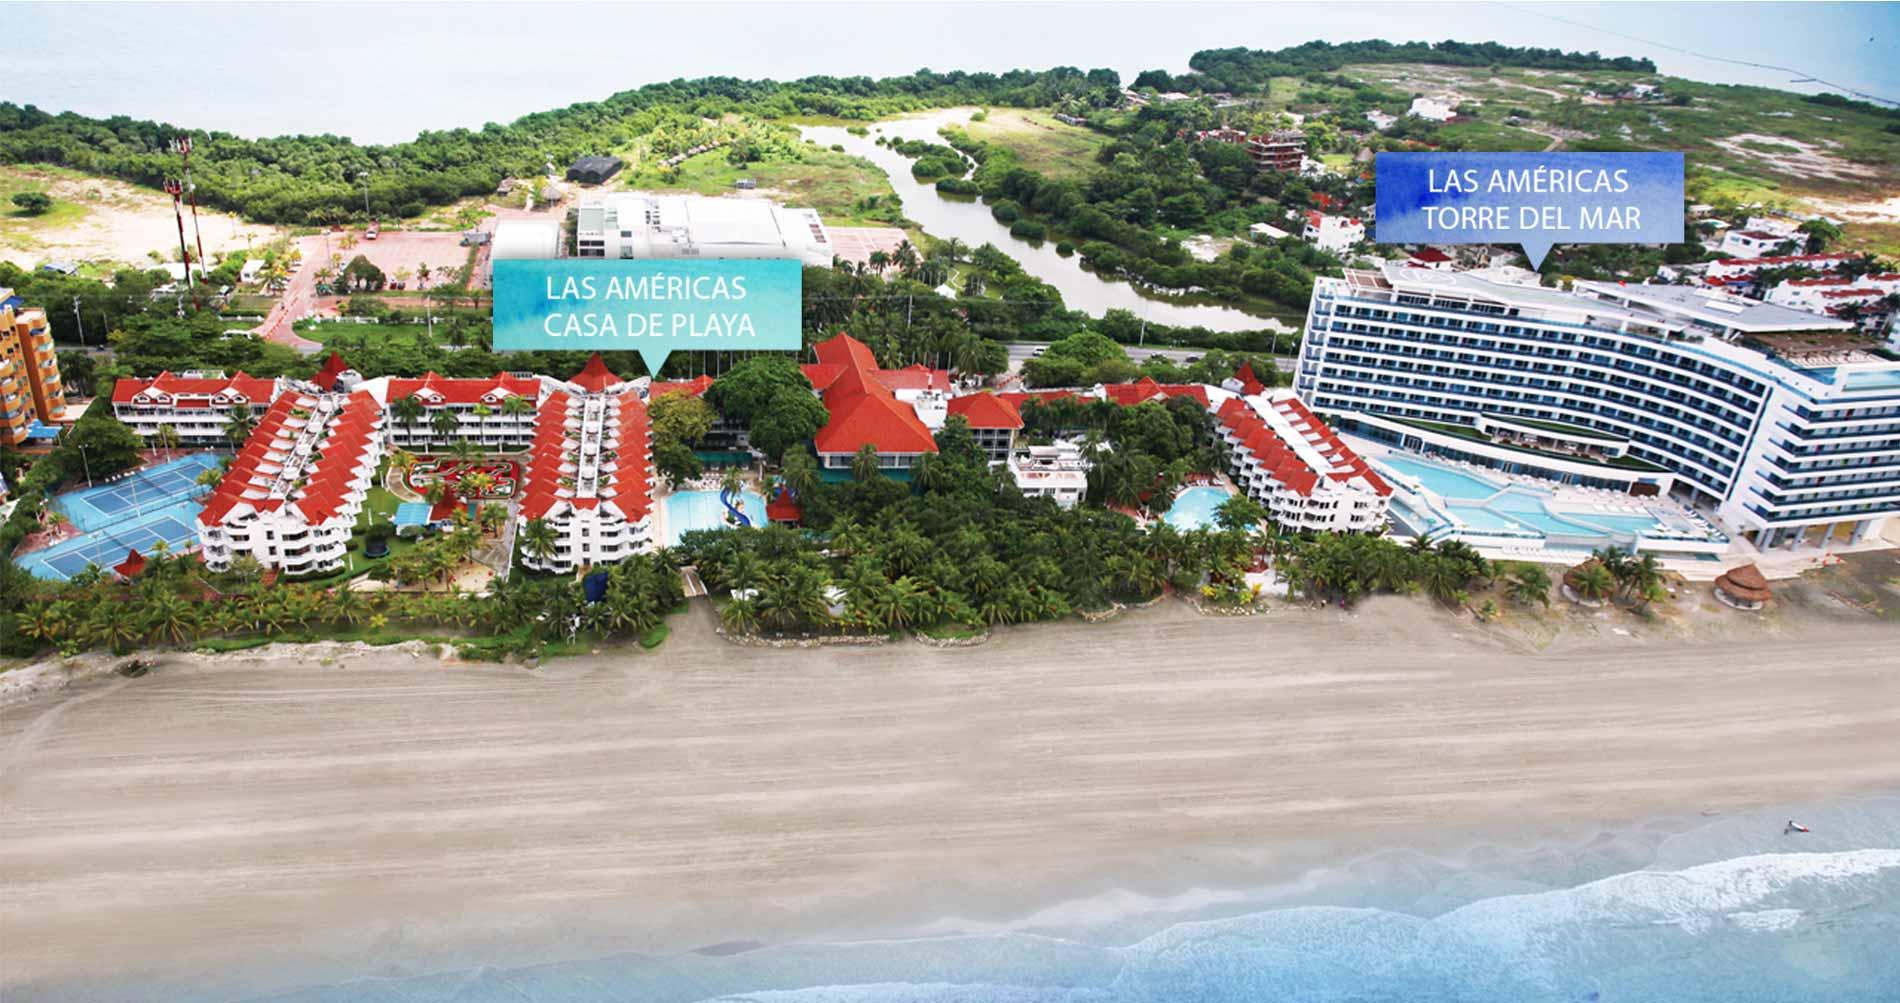 Hotel las americas cartagena esta entre los mejores Hoteles en Cartagena